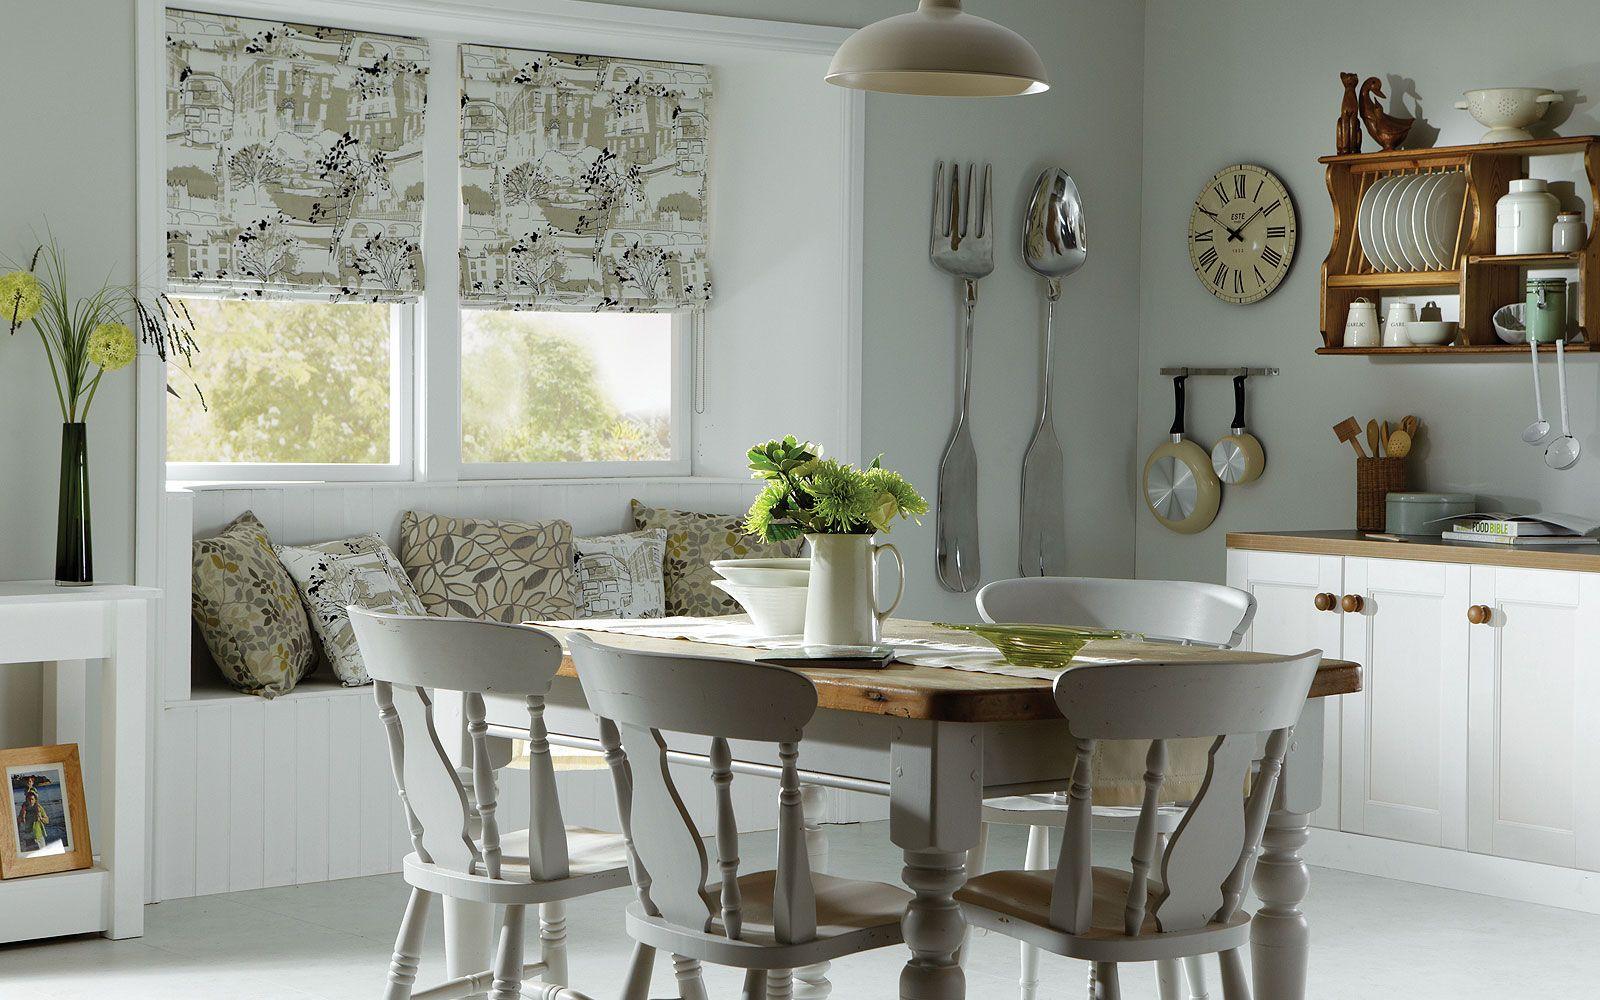 Basement window coverings outside  một số loại rèm cửa đẹp giá rẻ cho phòng bếp  rèm văn phòng  pinterest